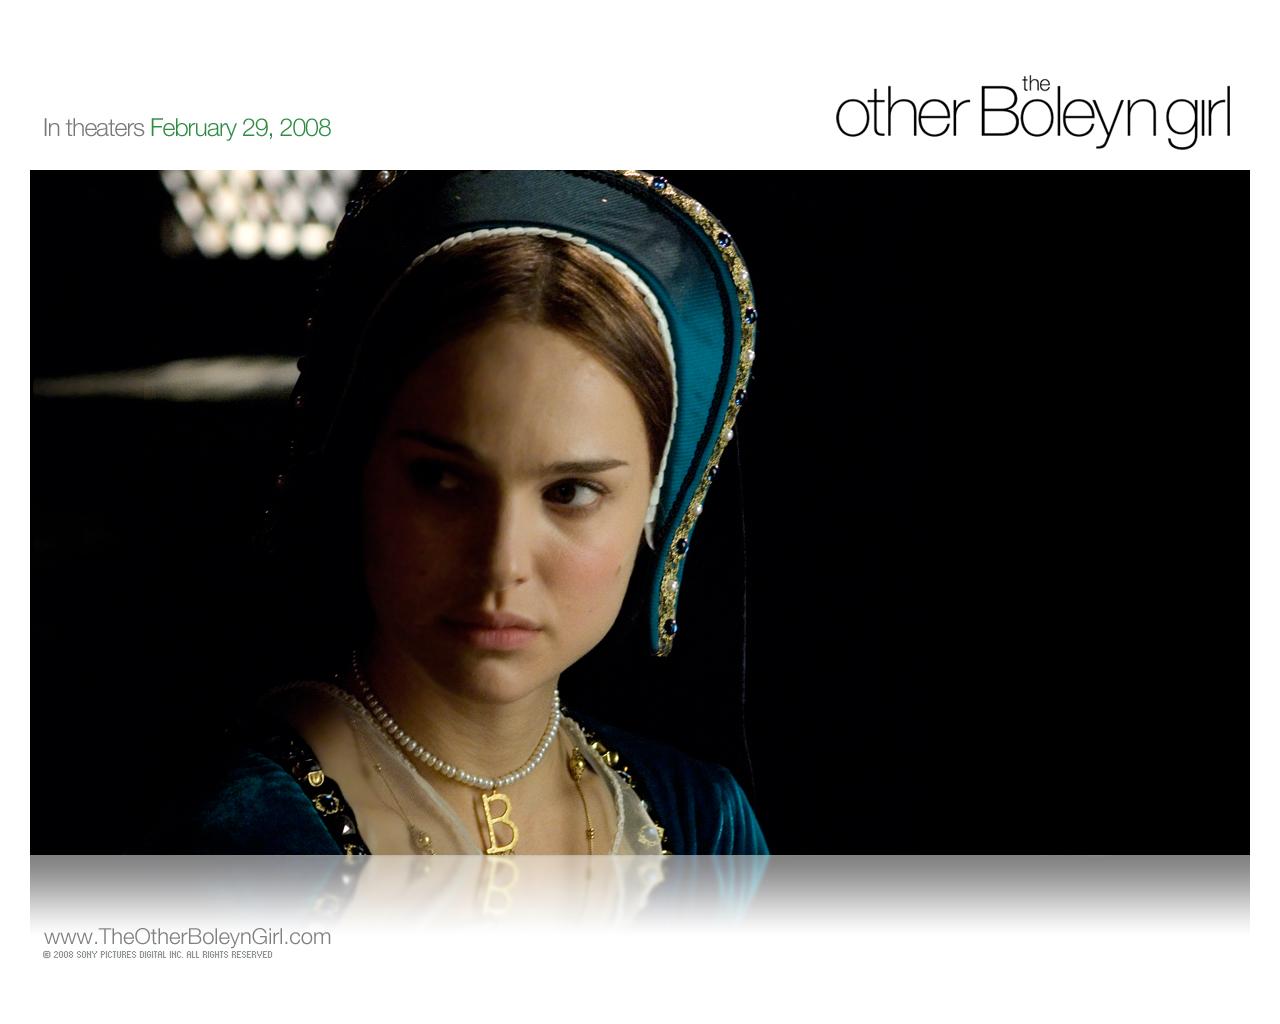 http://1.bp.blogspot.com/_P8IK9Yr9XqE/TT2yr_jnorI/AAAAAAAAAVg/XDKbVEcKnG8/s1600/Natalie_Portman_in_The_Other_Boleyn_Girl_Wallpaper_3_1280.jpg